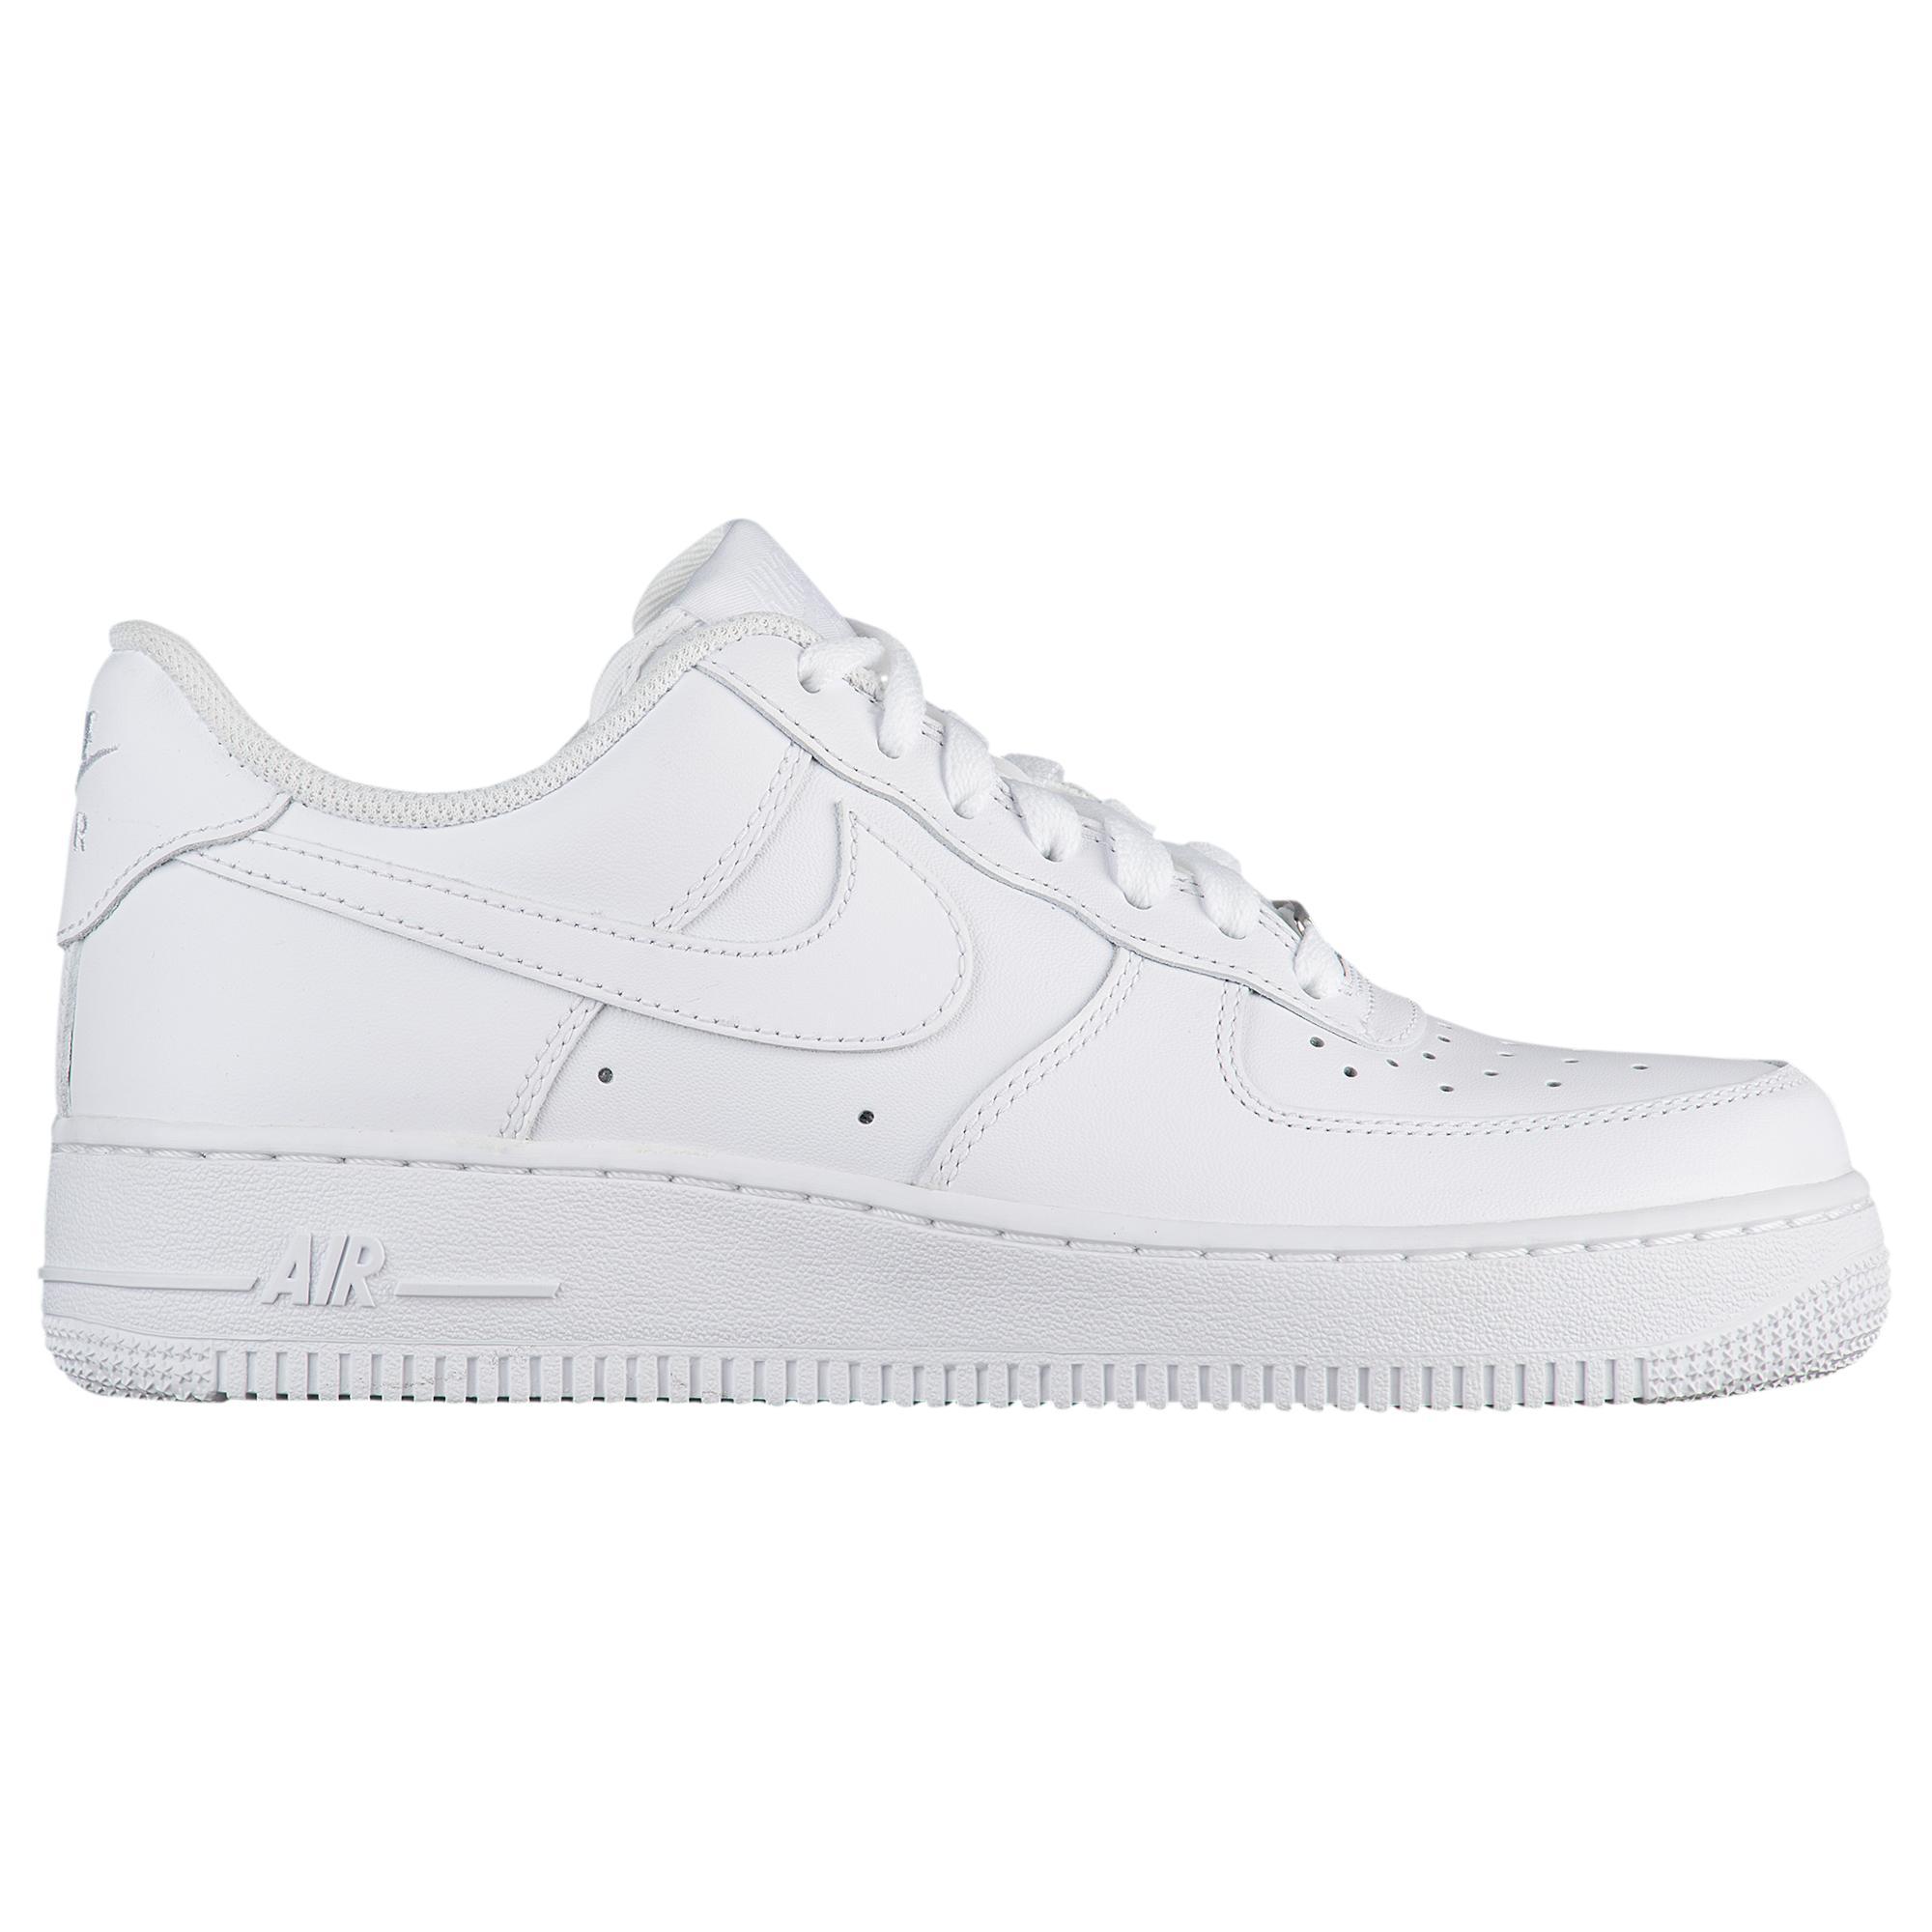 Air Force 1 07 Le Low Shoes